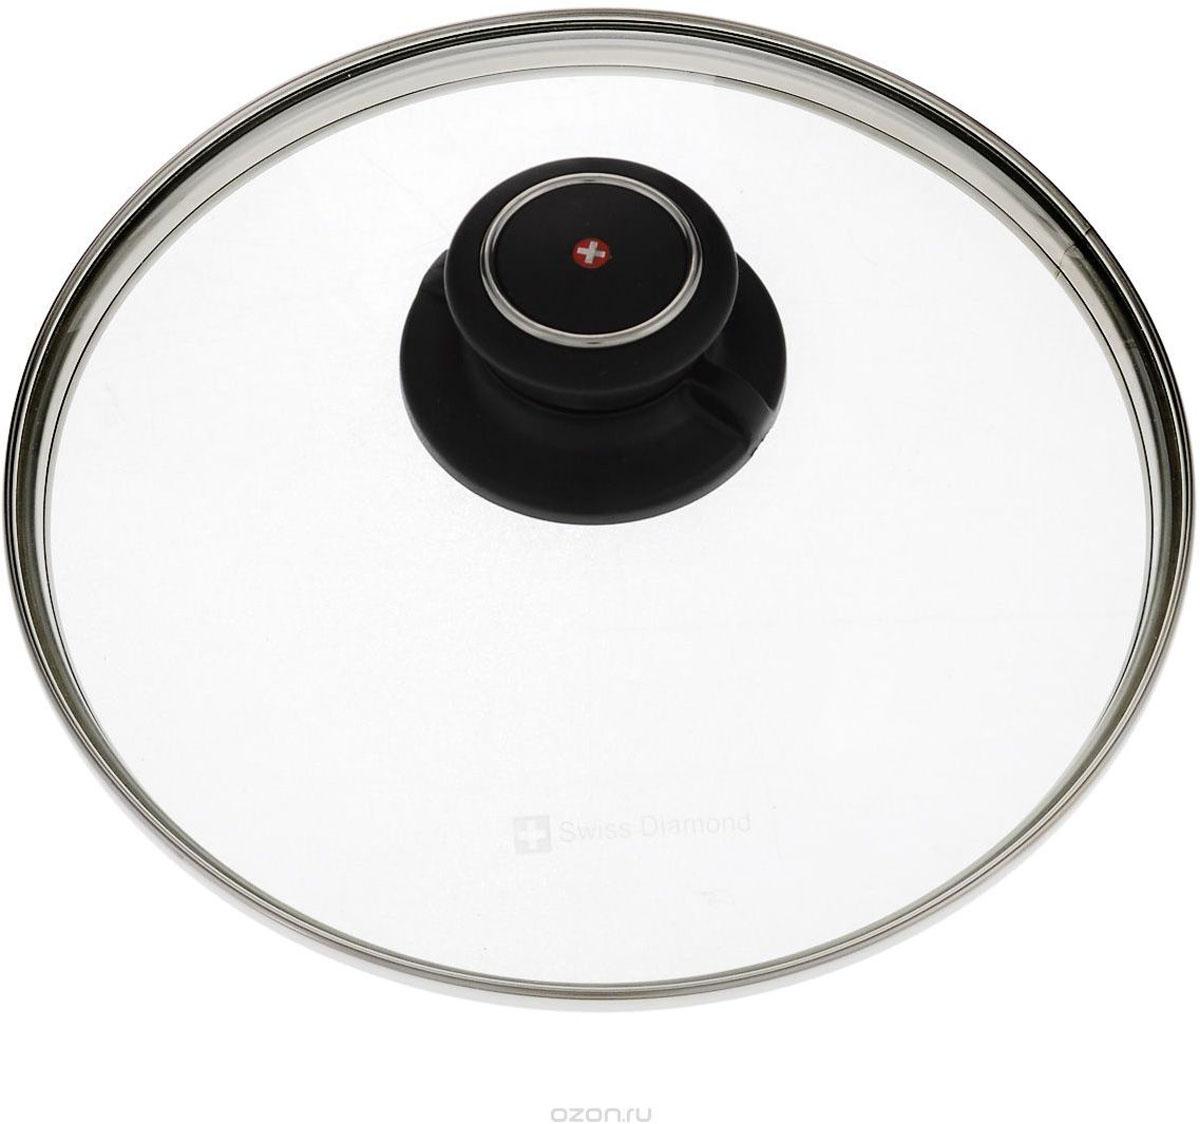 Крышка стеклянная  Swiss Diamond . Диаметр 20 см. SDC 20 - Посуда для приготовления